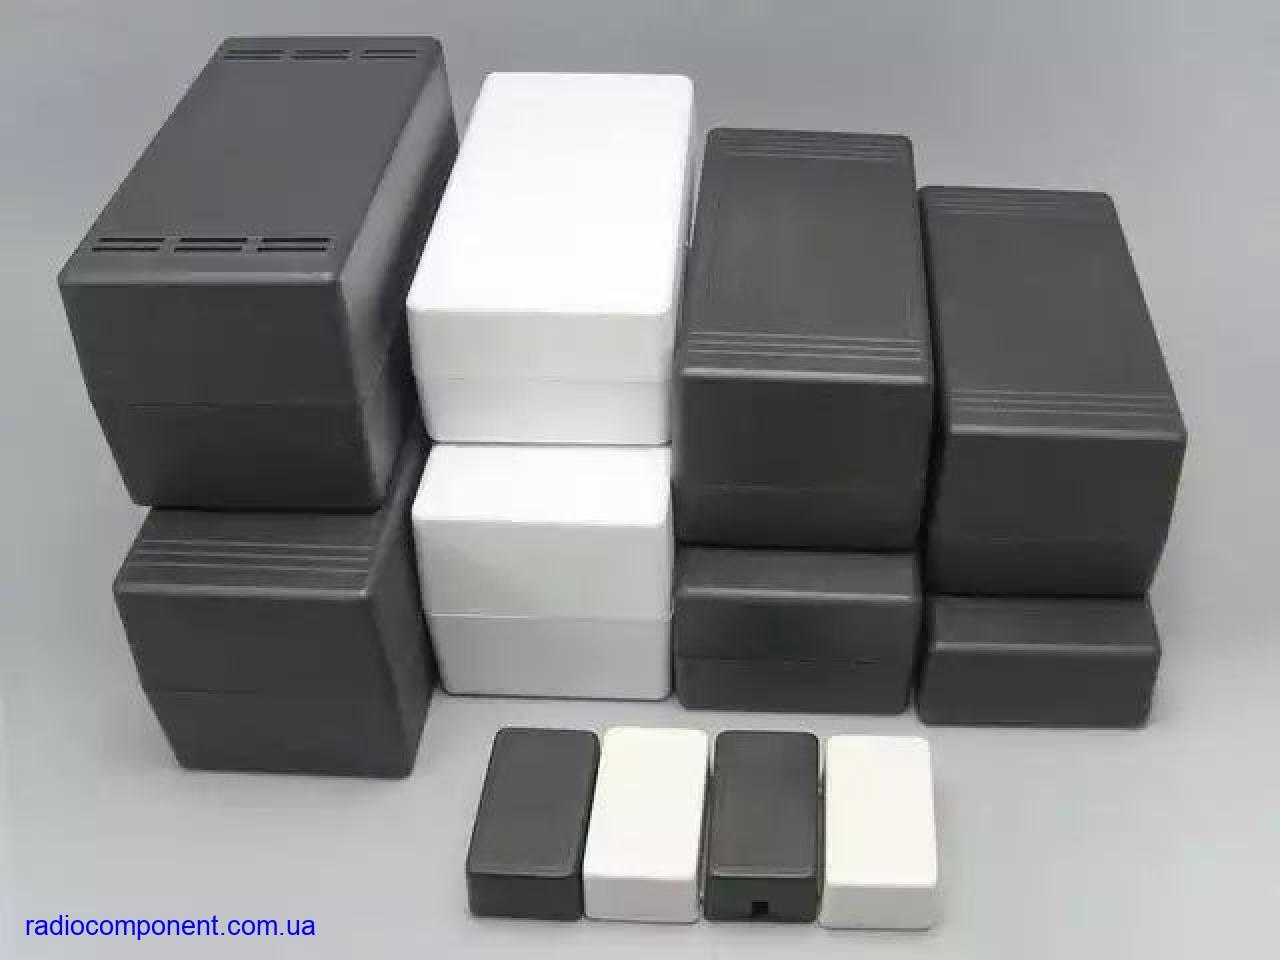 Корпуса пластиковые чёрного цвета для электронных изделий